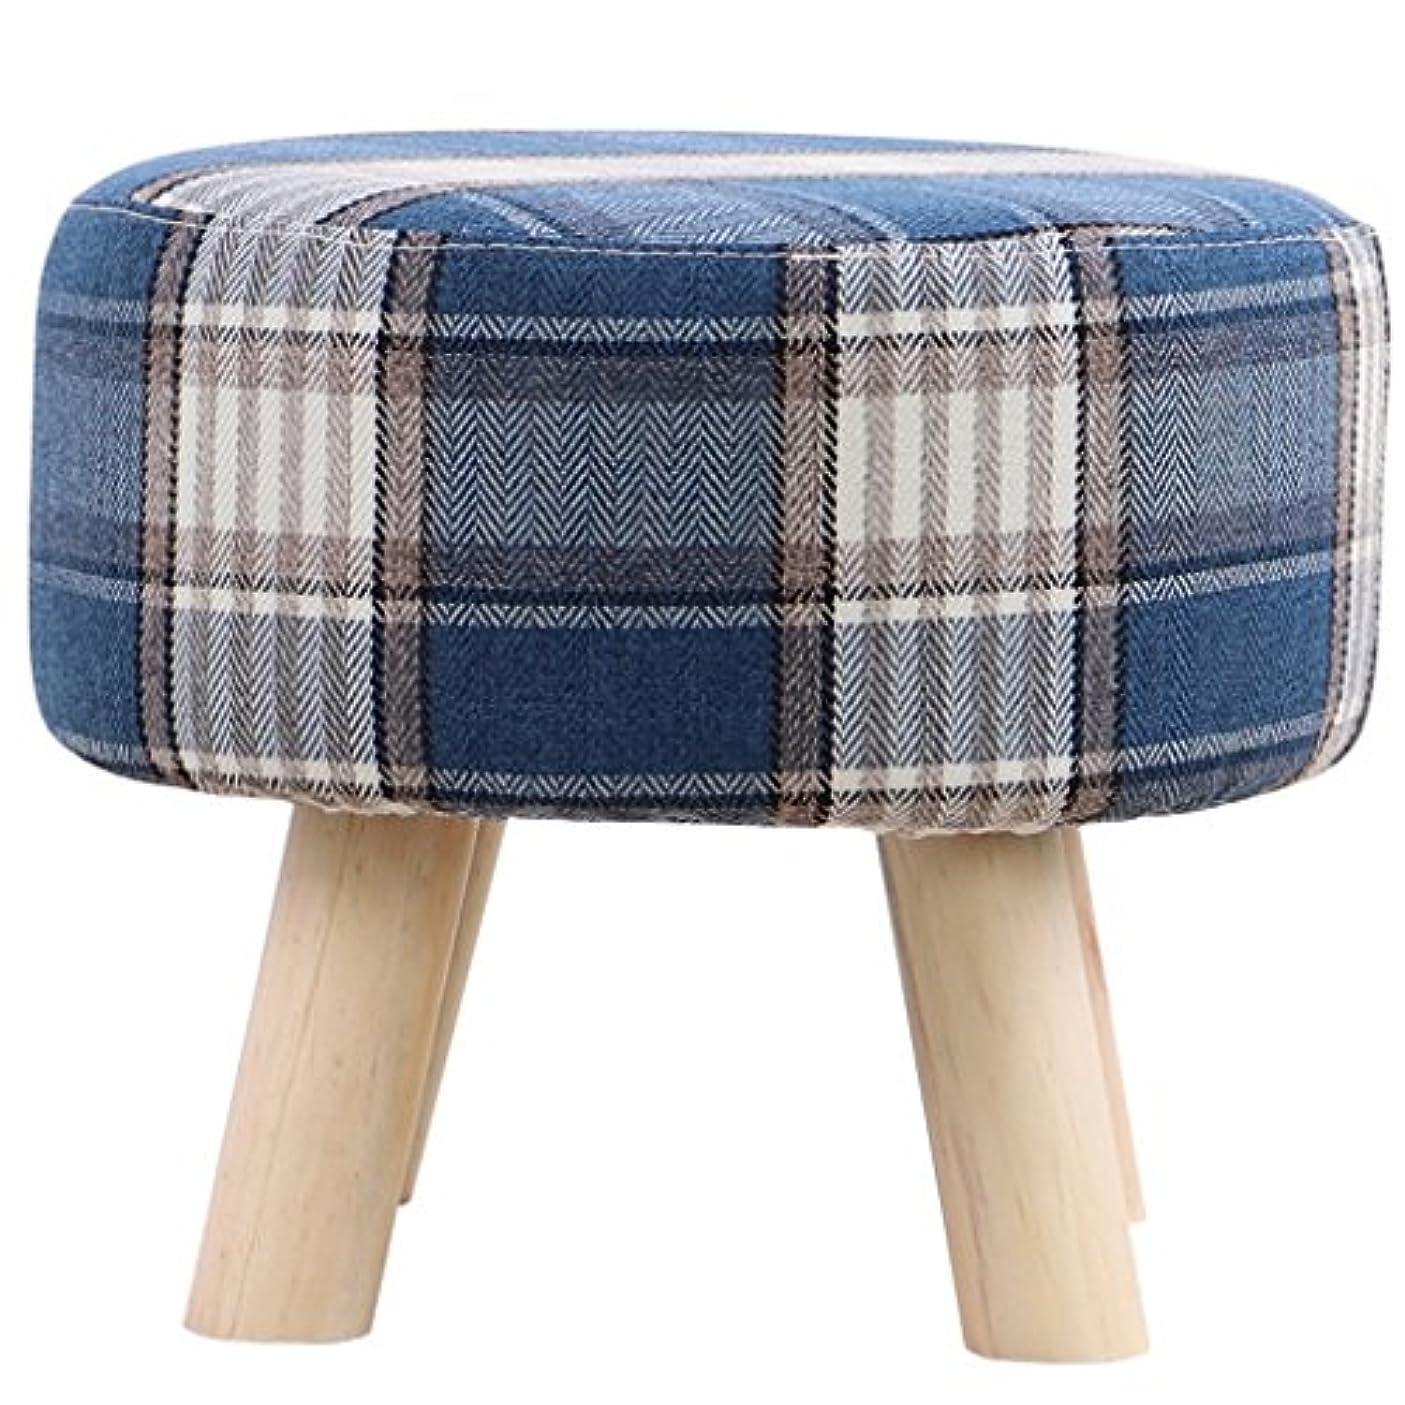 例示する個人的なとげのあるチェア?テーブルアクセサリ 布製のスツール靴のベンチを着用ソリッドウッドの靴のベンチソファのスツールコーヒーテーブルの台所家庭用スツール洗える (Color : Blue, Size : 40 * 16 * 33cm/16 * 6 * 13 inch)